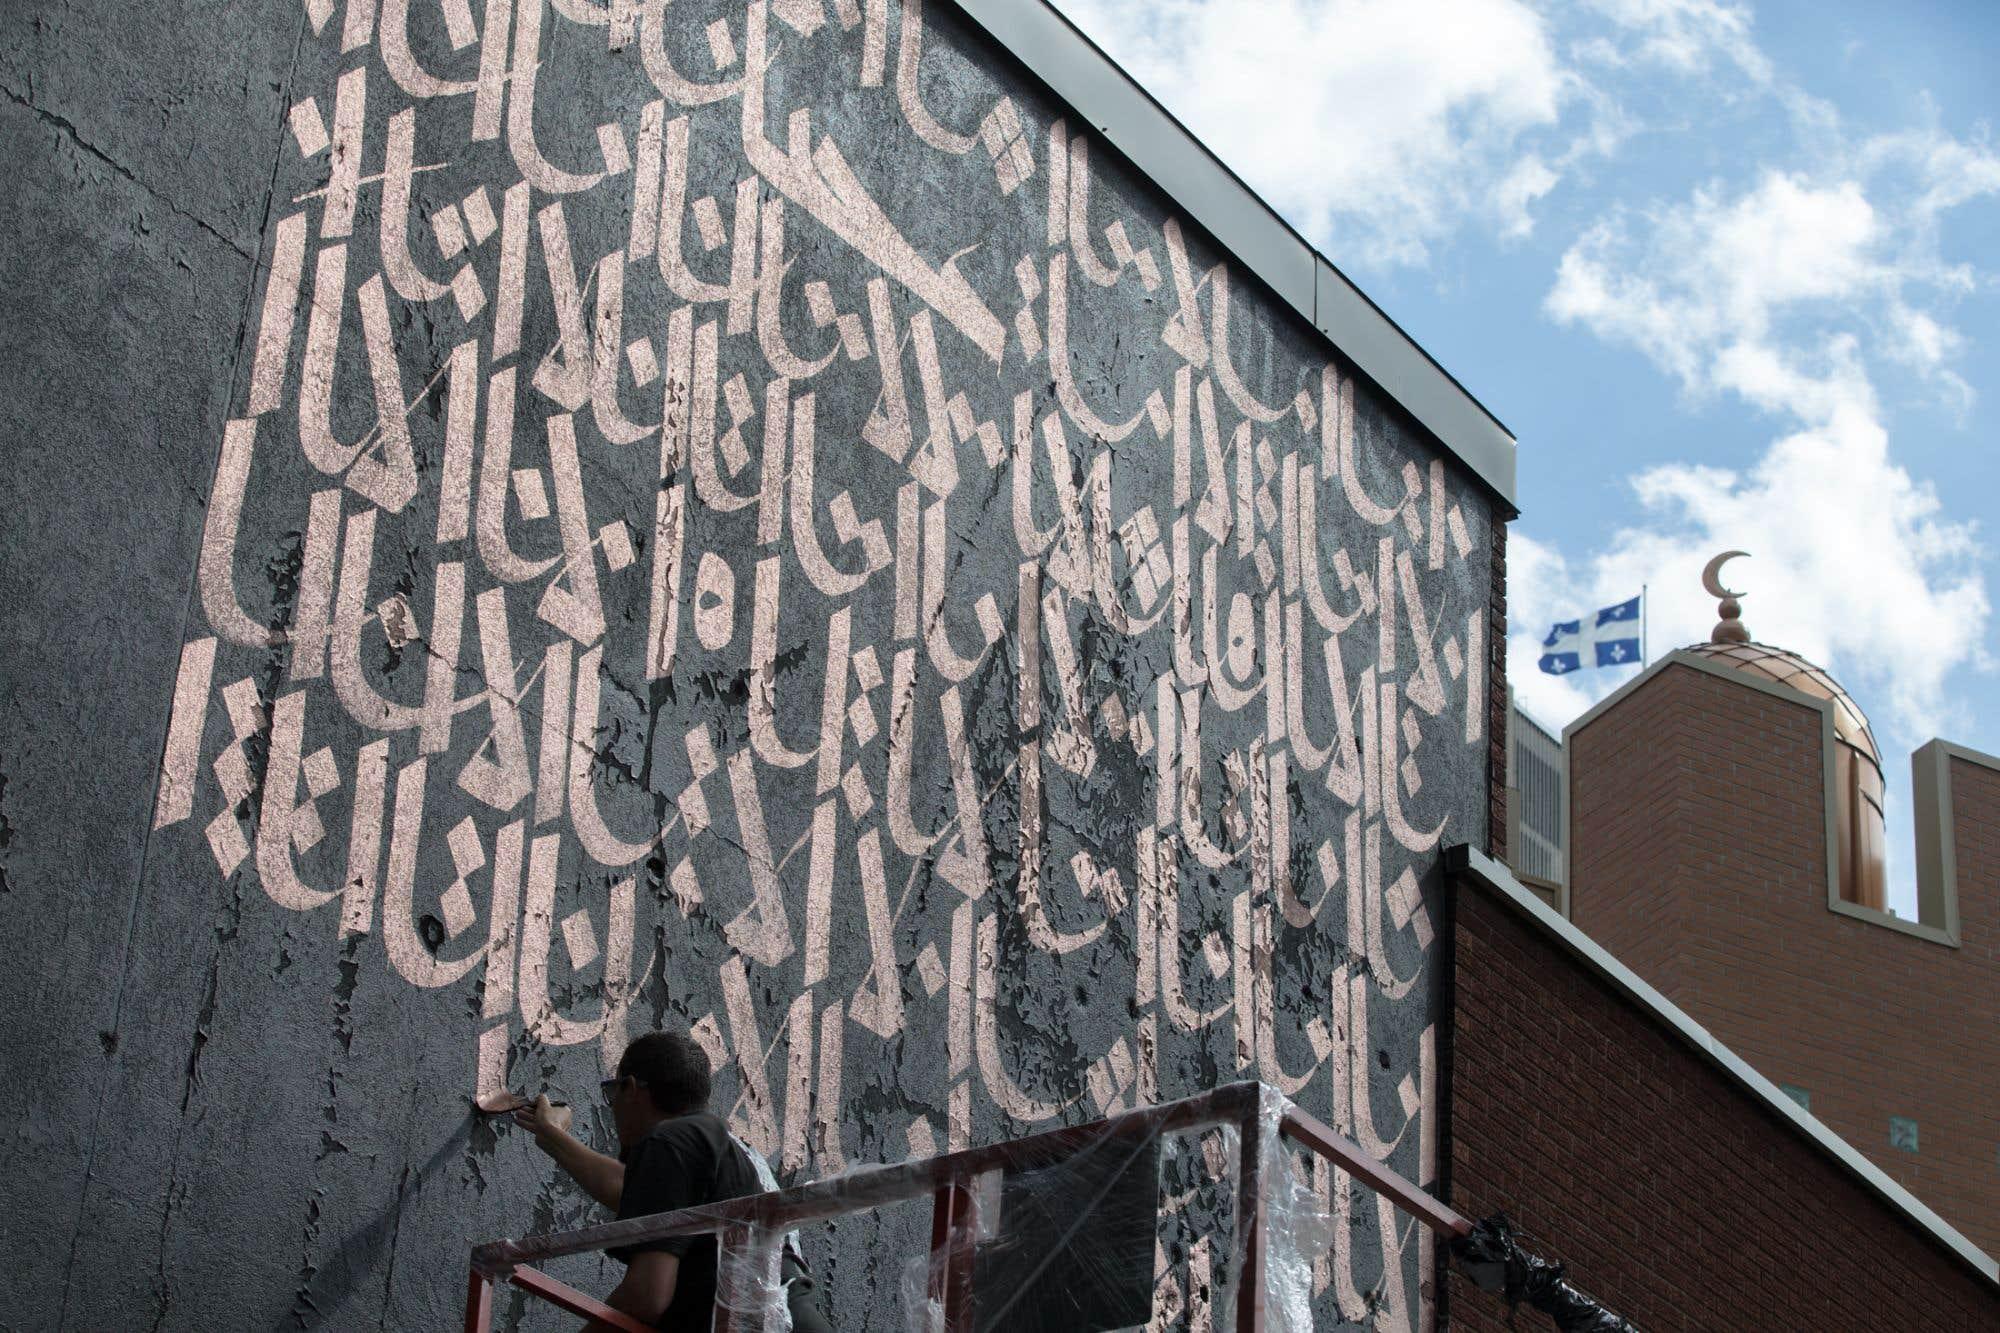 La calligraphie arabe, art ancien, mystérieux et minutieux, quasi désuet dans ce monde hyperconnecté et fragmenté, aura désormais sa marque bien visible sur les murs de notre métropole. À l'invitation de l'événement Calligraphie transfrontière, le calligraphe et artiste de rue Karim Jabbari, Tunisien au fort ancrage à Montréal, appose un message d'unité sur la façade de la mosquée Al-Omah Al-Islamiah. Consultez notre texte sur le sujet